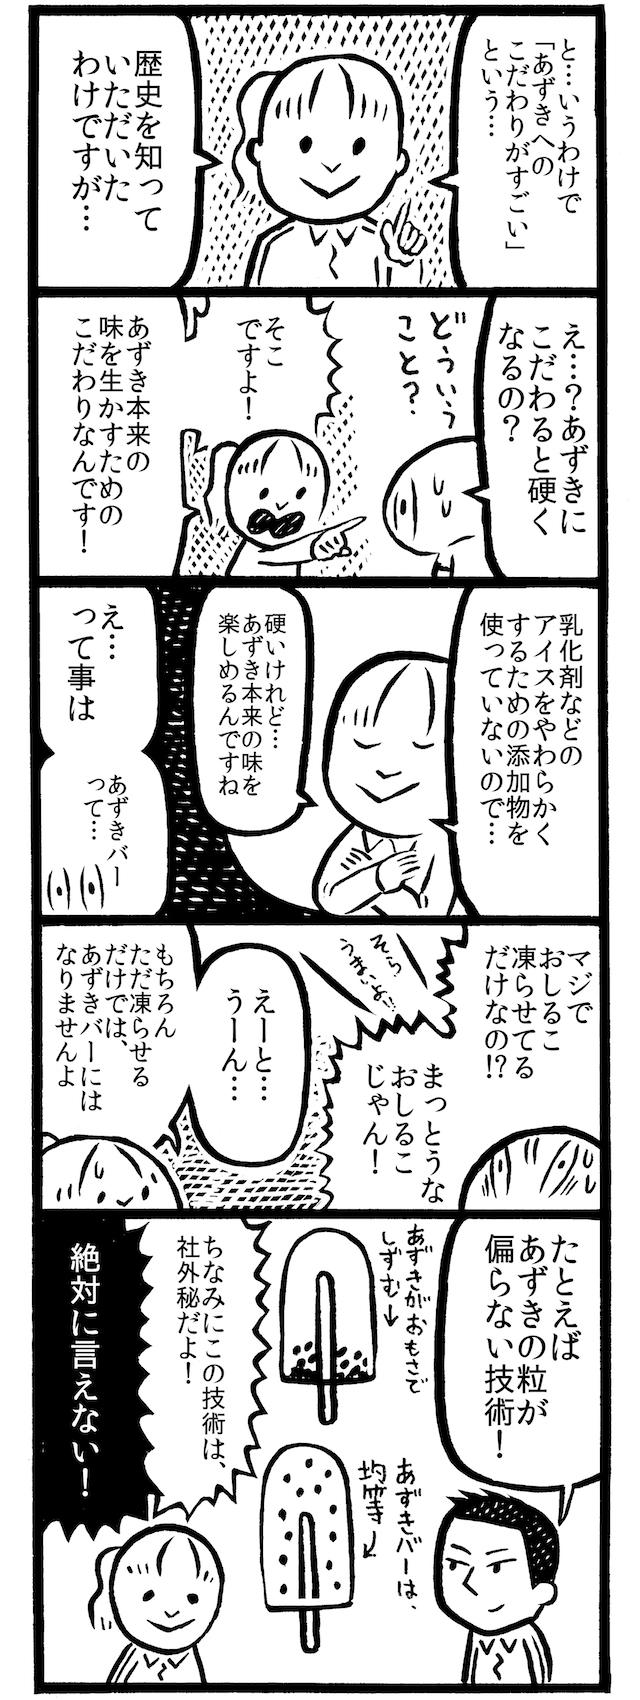 f:id:kakijiro:20160909112944j:plain